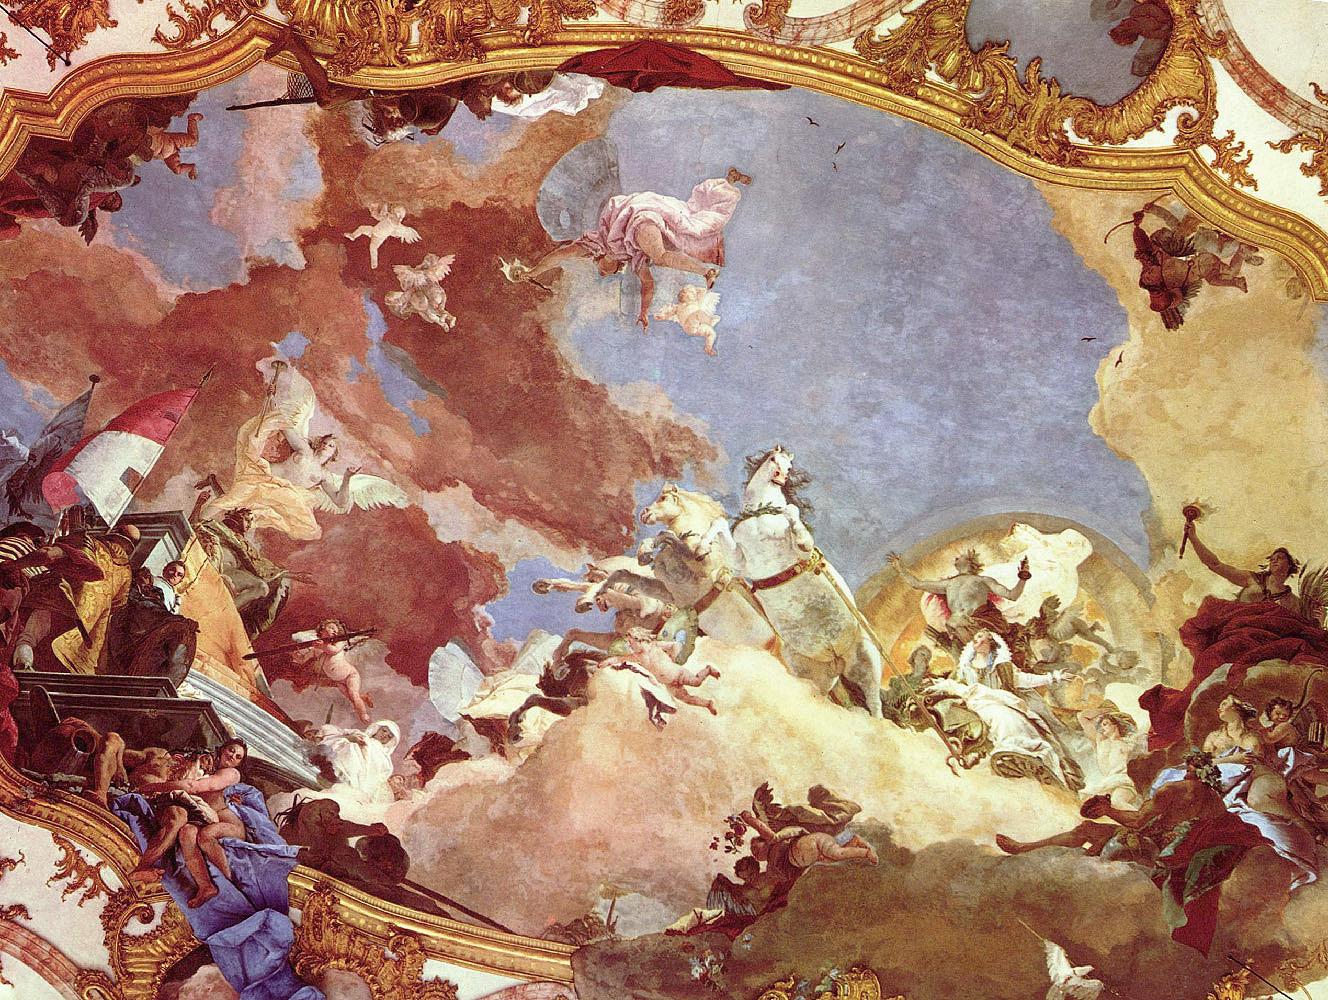 потолочная роспись в одном из залов